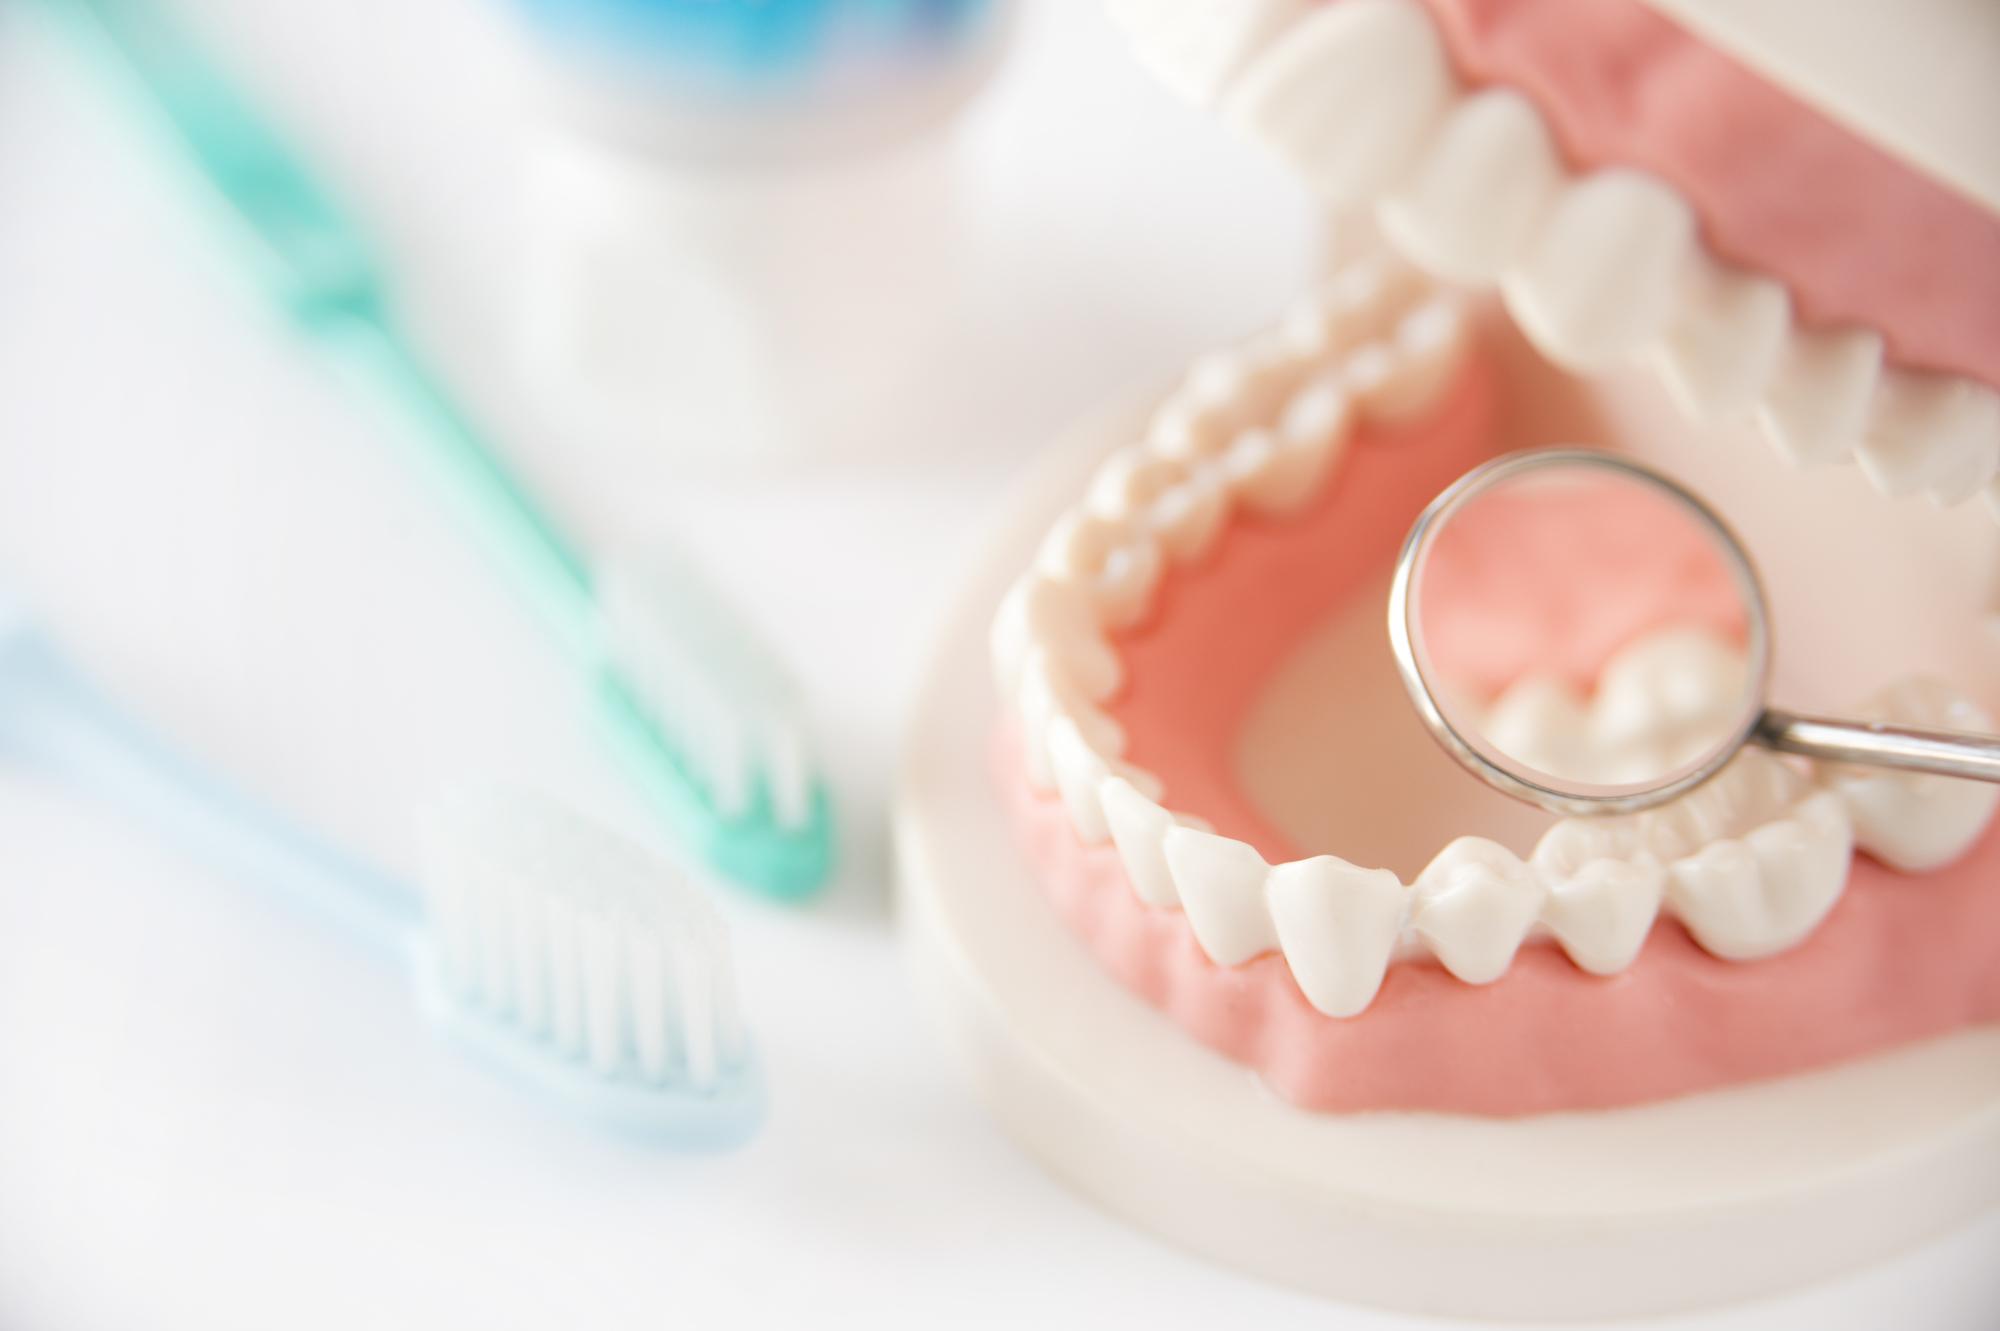 入れ歯を長持ちさせるために